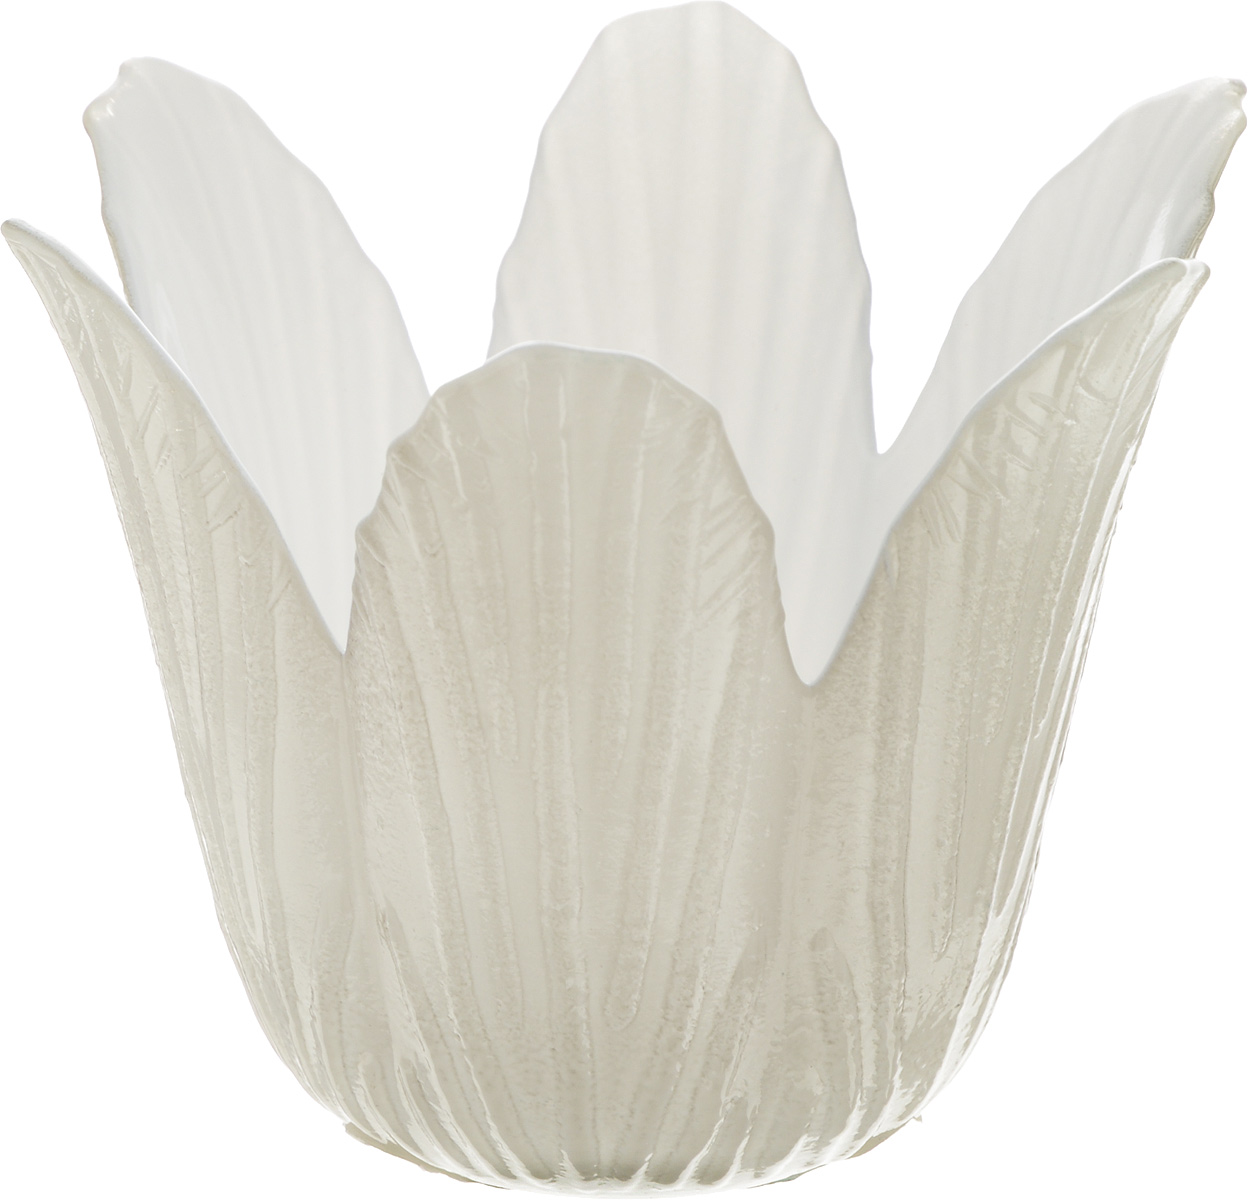 Подсвечник декоративный House & Holder, цвет: белый, серый, высота 7,5 смDP-C32-12HG15622A-22_белый, серыйДекоративный подсвечник House & Holder изготовлен из керамики в виде кувшинки. Свеча вставляется внутрь цветка.Такой подсвечник будет потрясающе смотреться в интерьере комнаты и станет прекрасным сувениром к любому случаю.